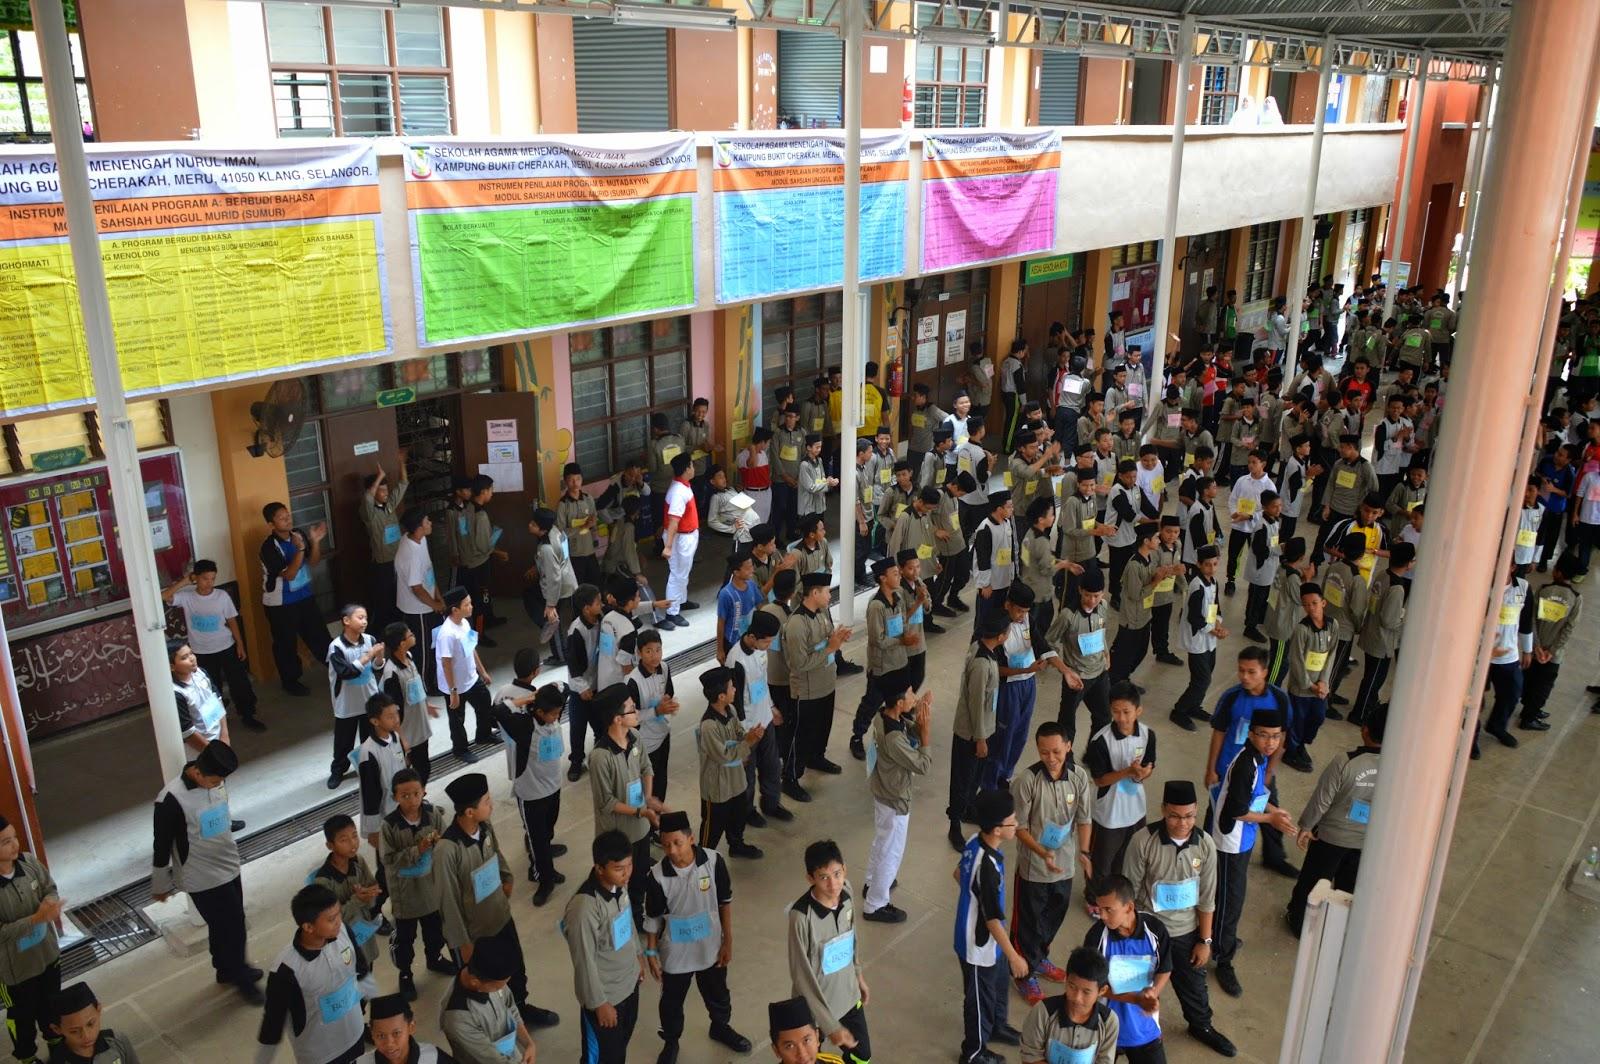 Sekolah Menengah Agama Nurul Islam Perokok Q